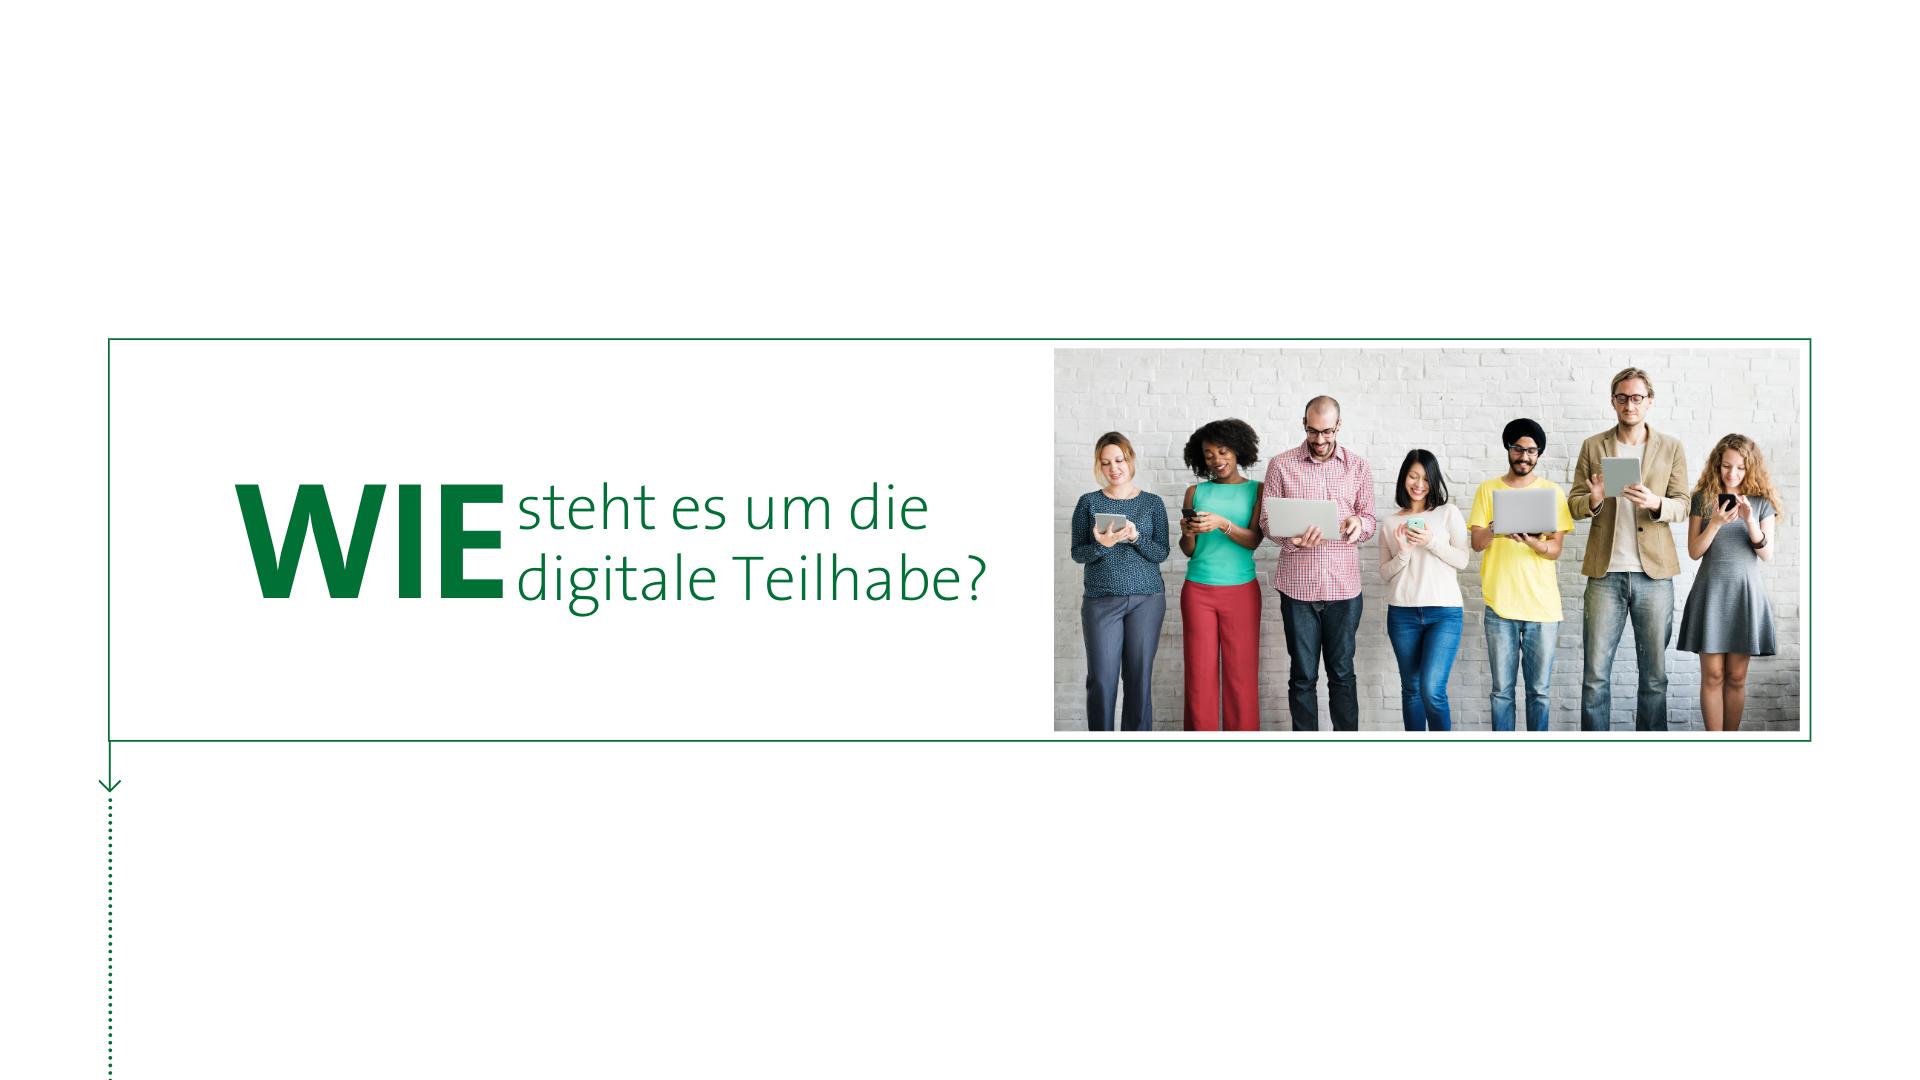 Wie steht es um die digitale Teilhabe in Deutschland?